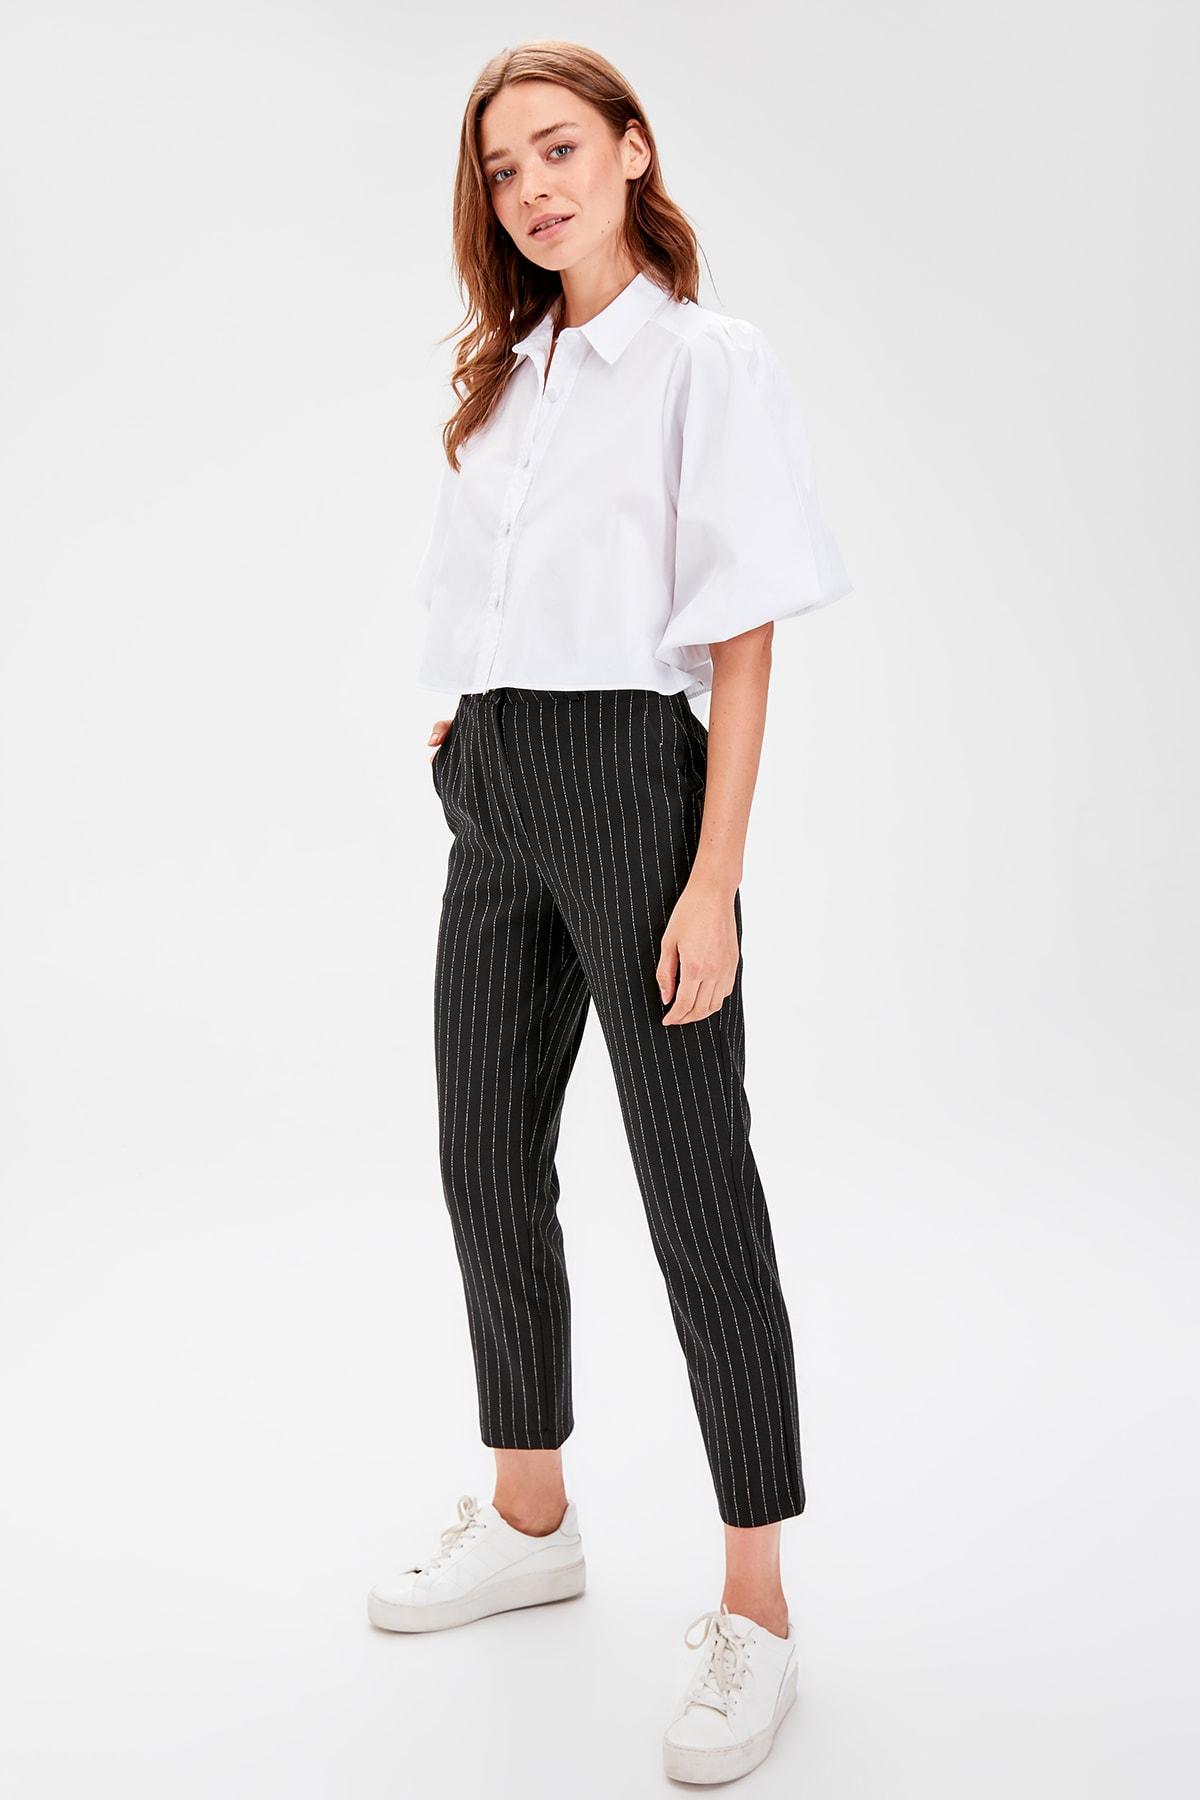 Trendyol Black Striped Pants TWOAW20PL0171